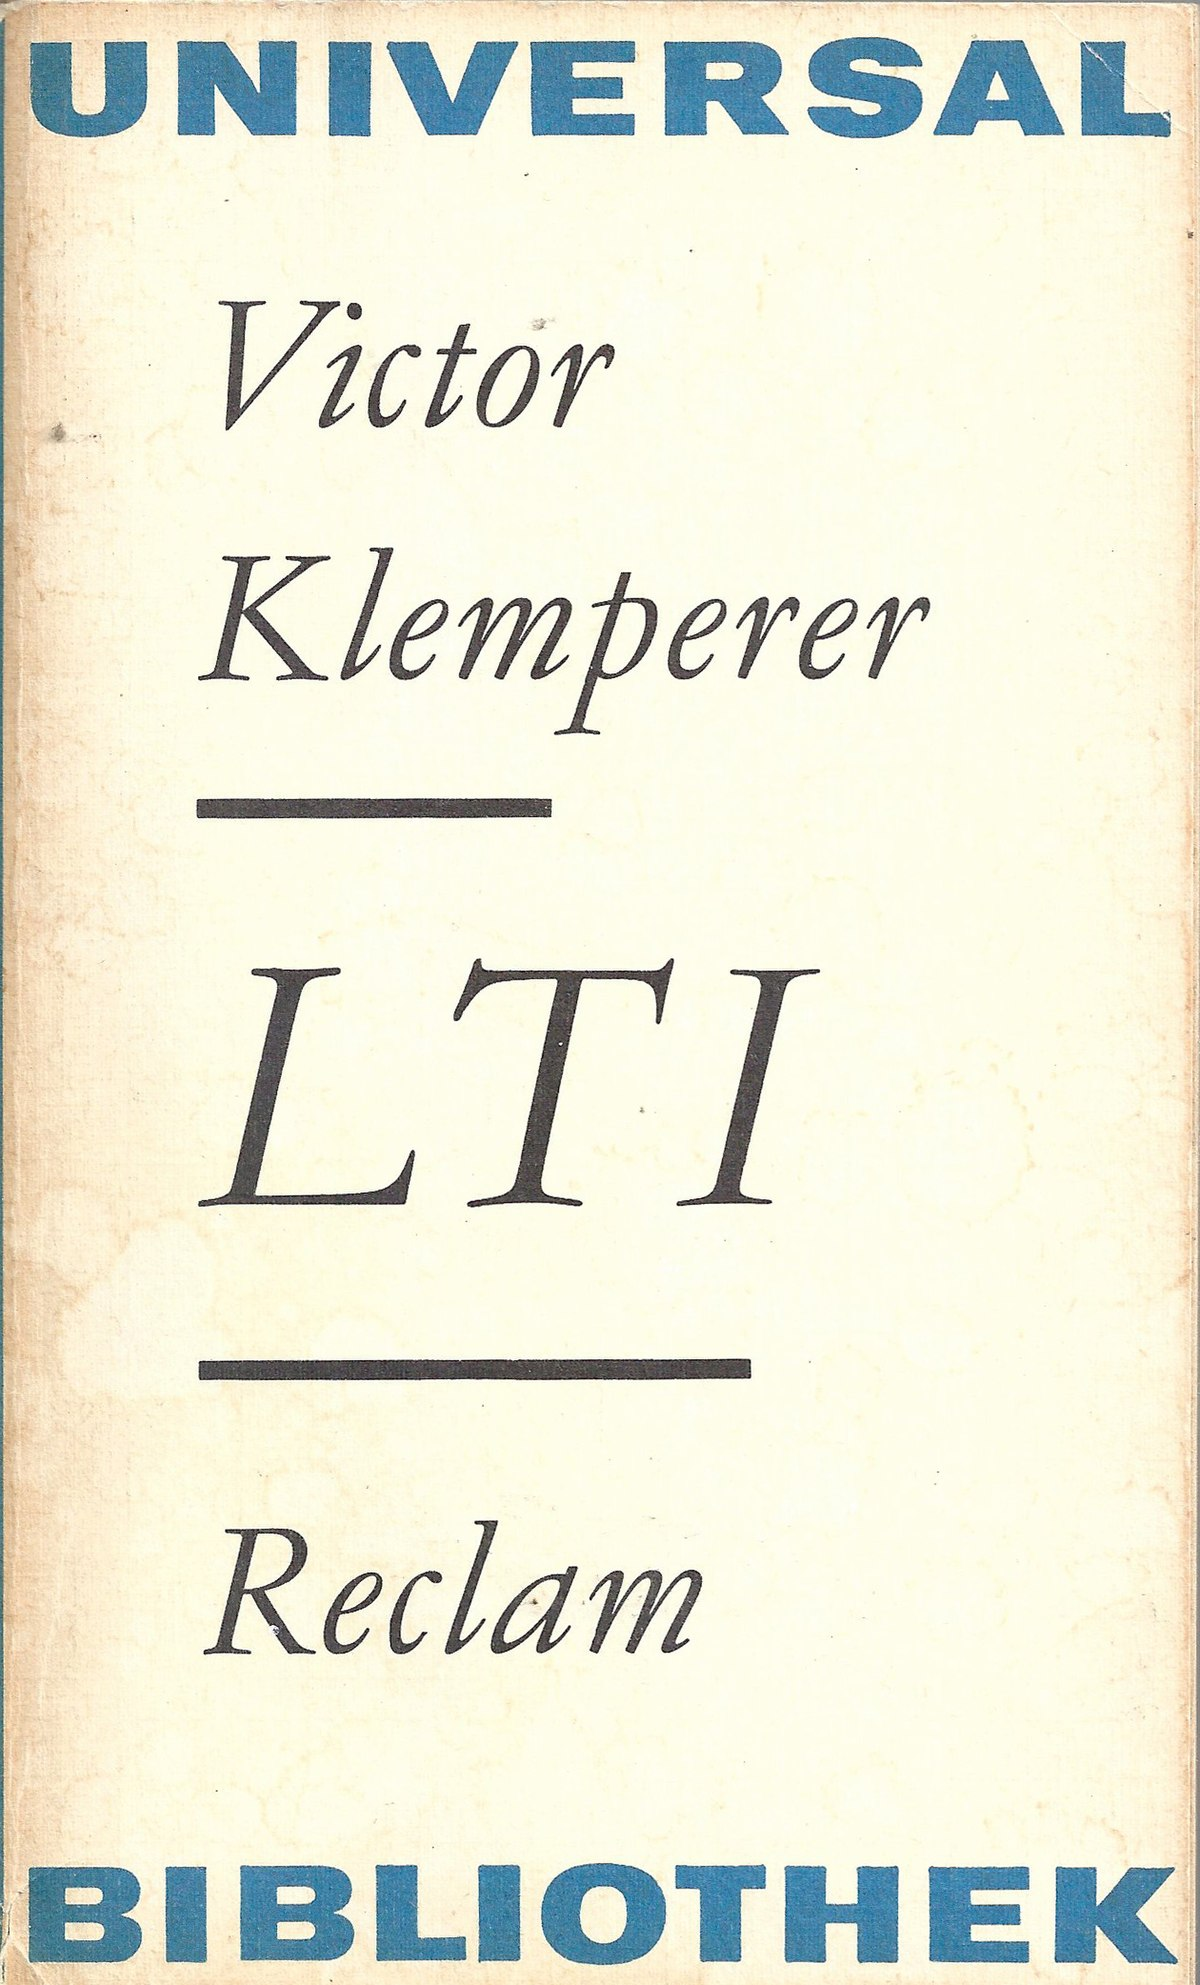 Lingua Tertii Imperii — Wikipédia